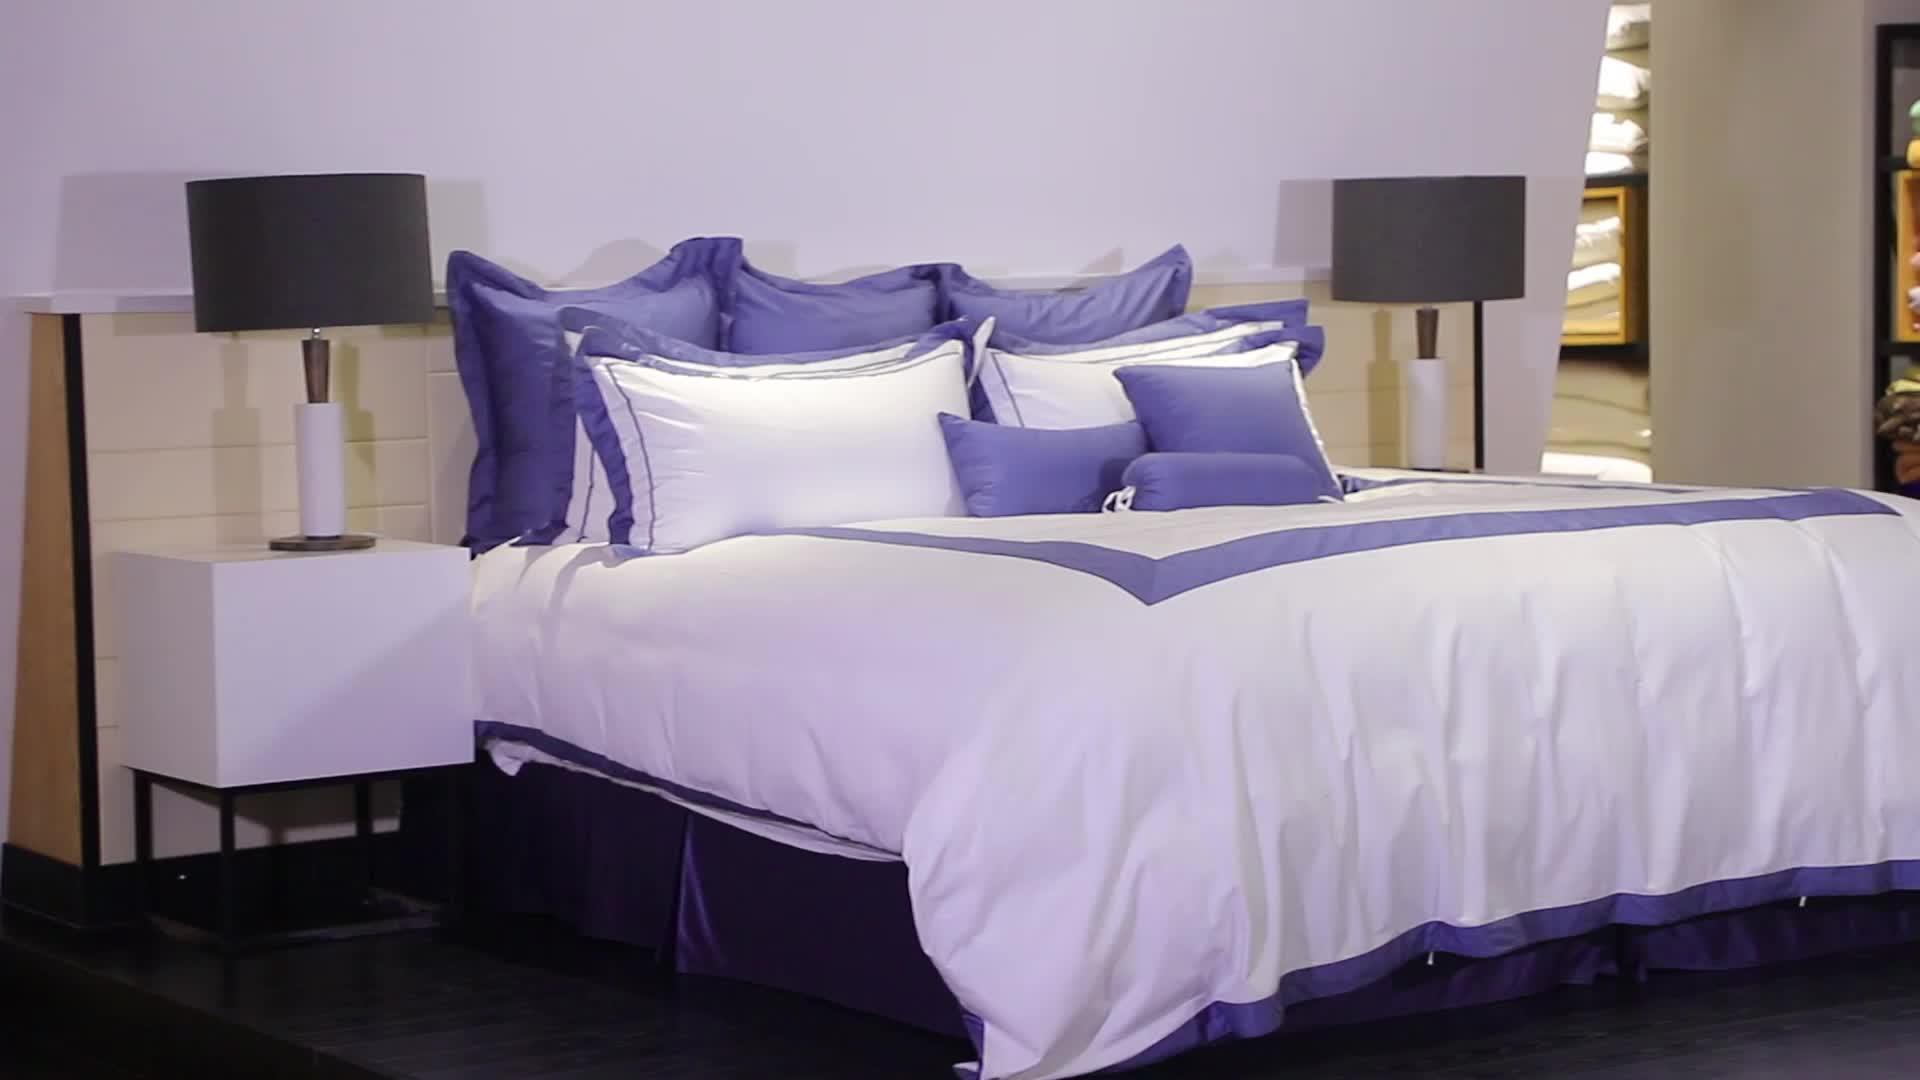 एलिया बेहतर कारखाने की पेशकश बिस्तर पर चादर सेट/बिस्तर सेट डी/चादर